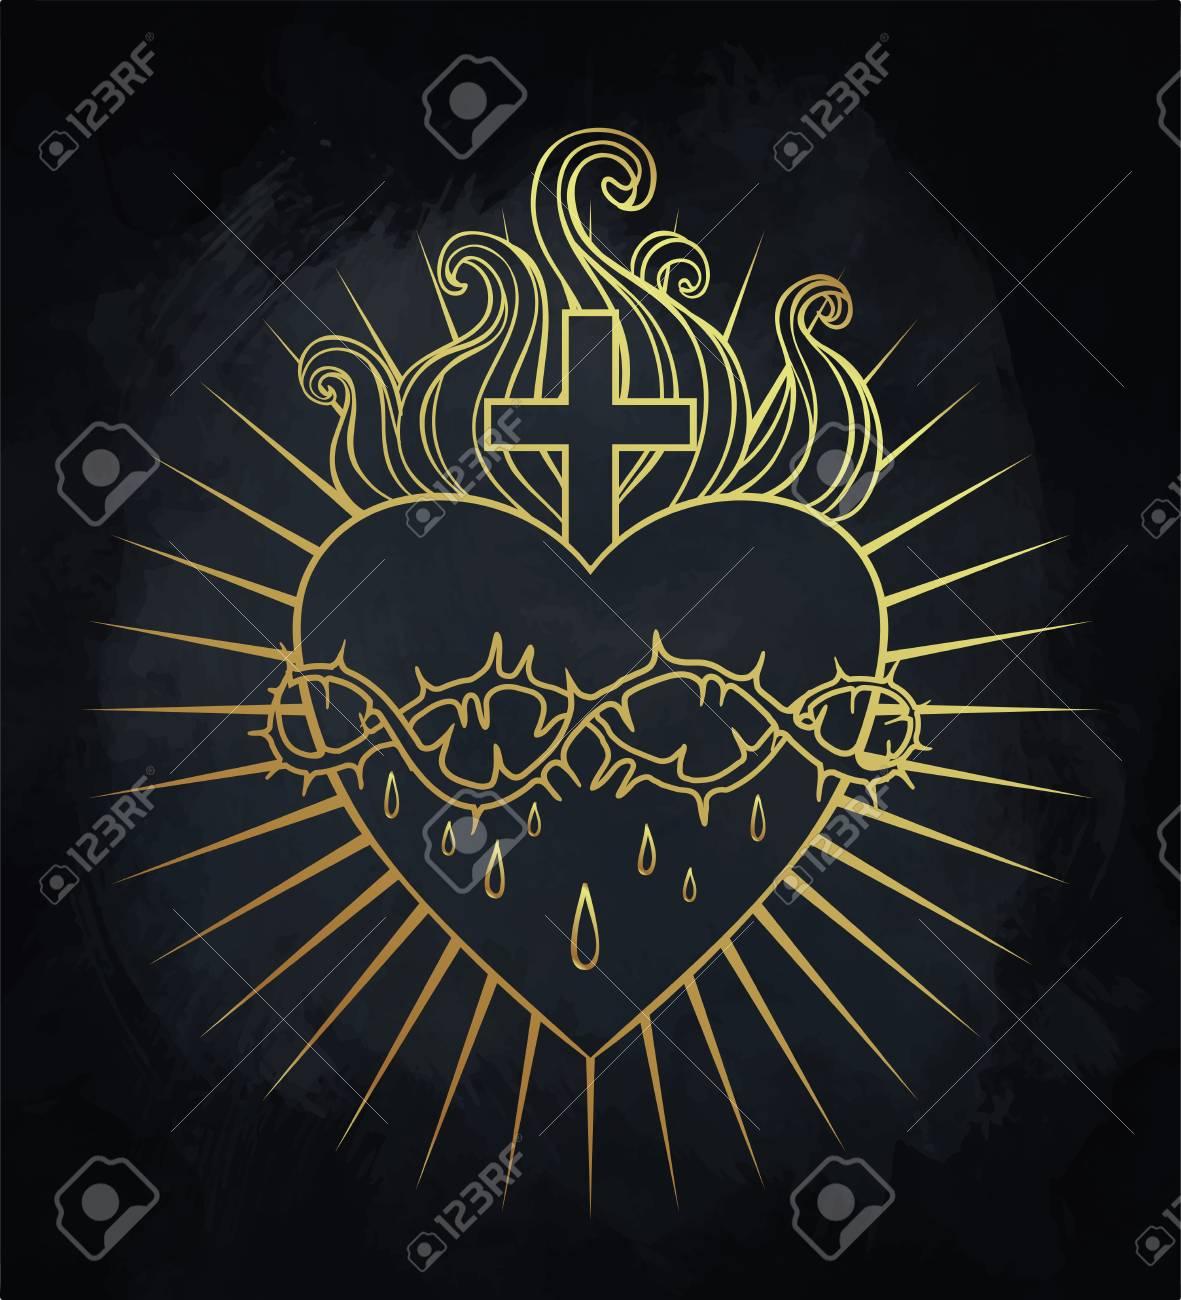 Sagrado Corazón De Jesús Ilustración Vectorial En Colores Dorados